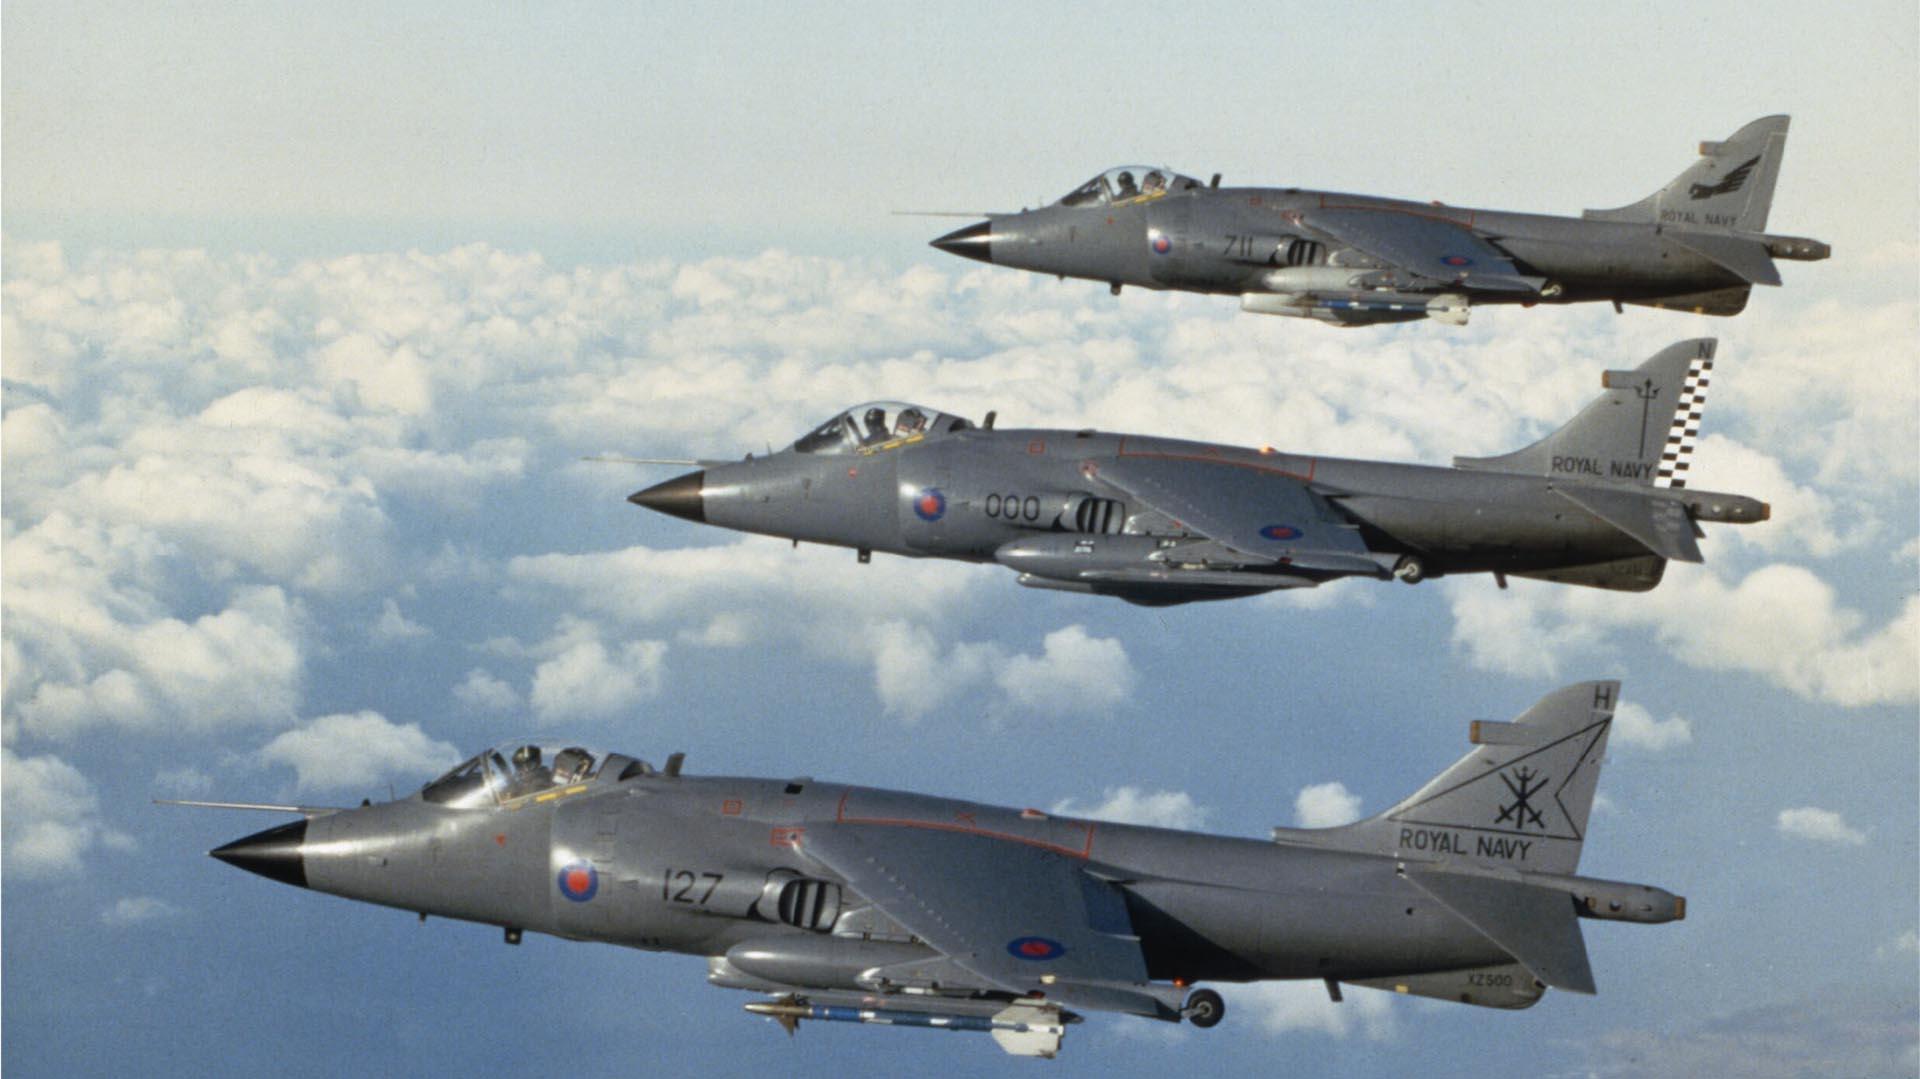 Harriers de la Marina Real que batallaron en Malvinas (Imperial War Museums)